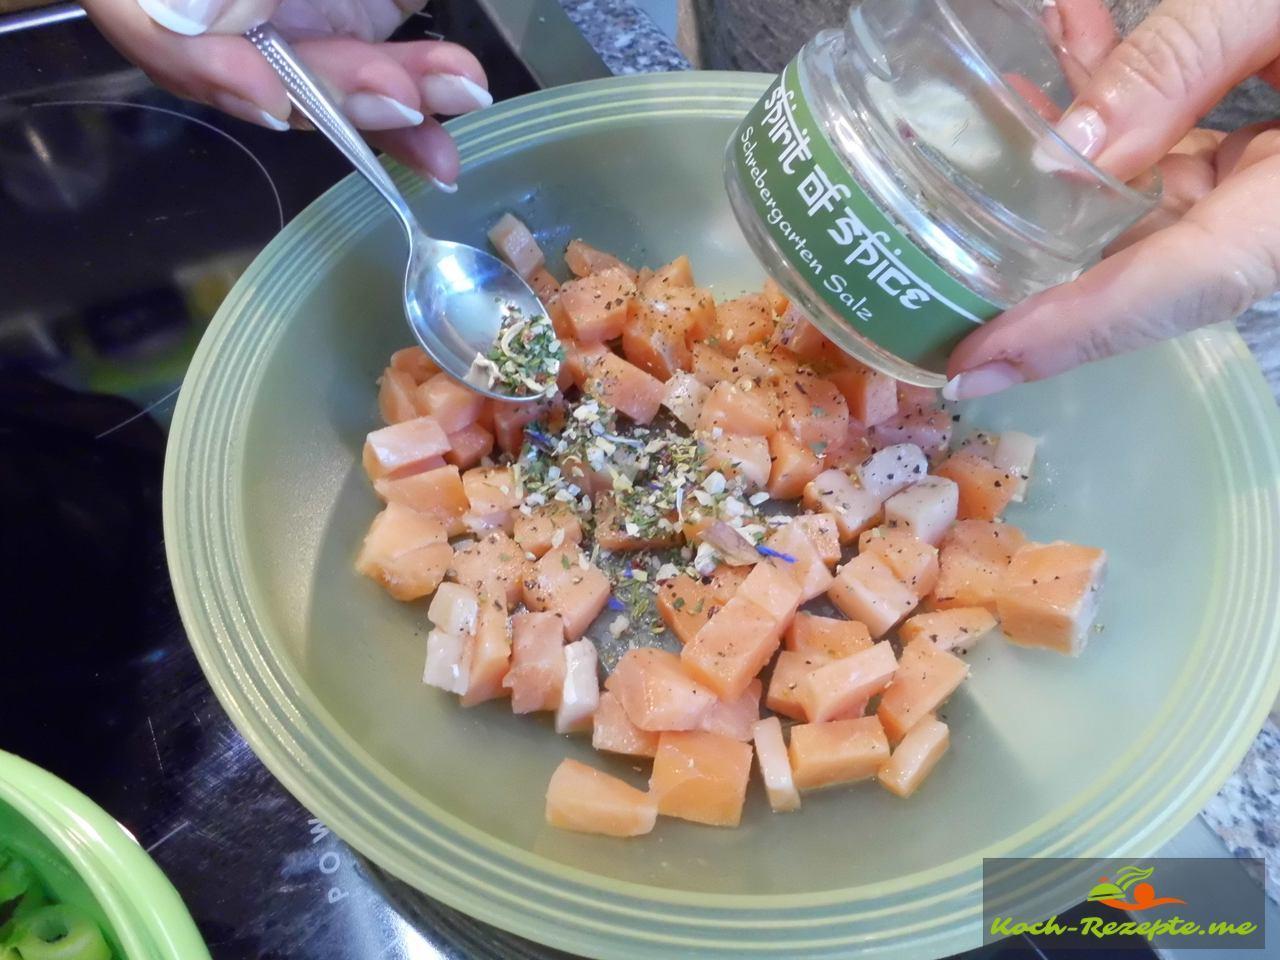 Schrebergarten-Salz von Spirit of Spice unter den Lachs heben